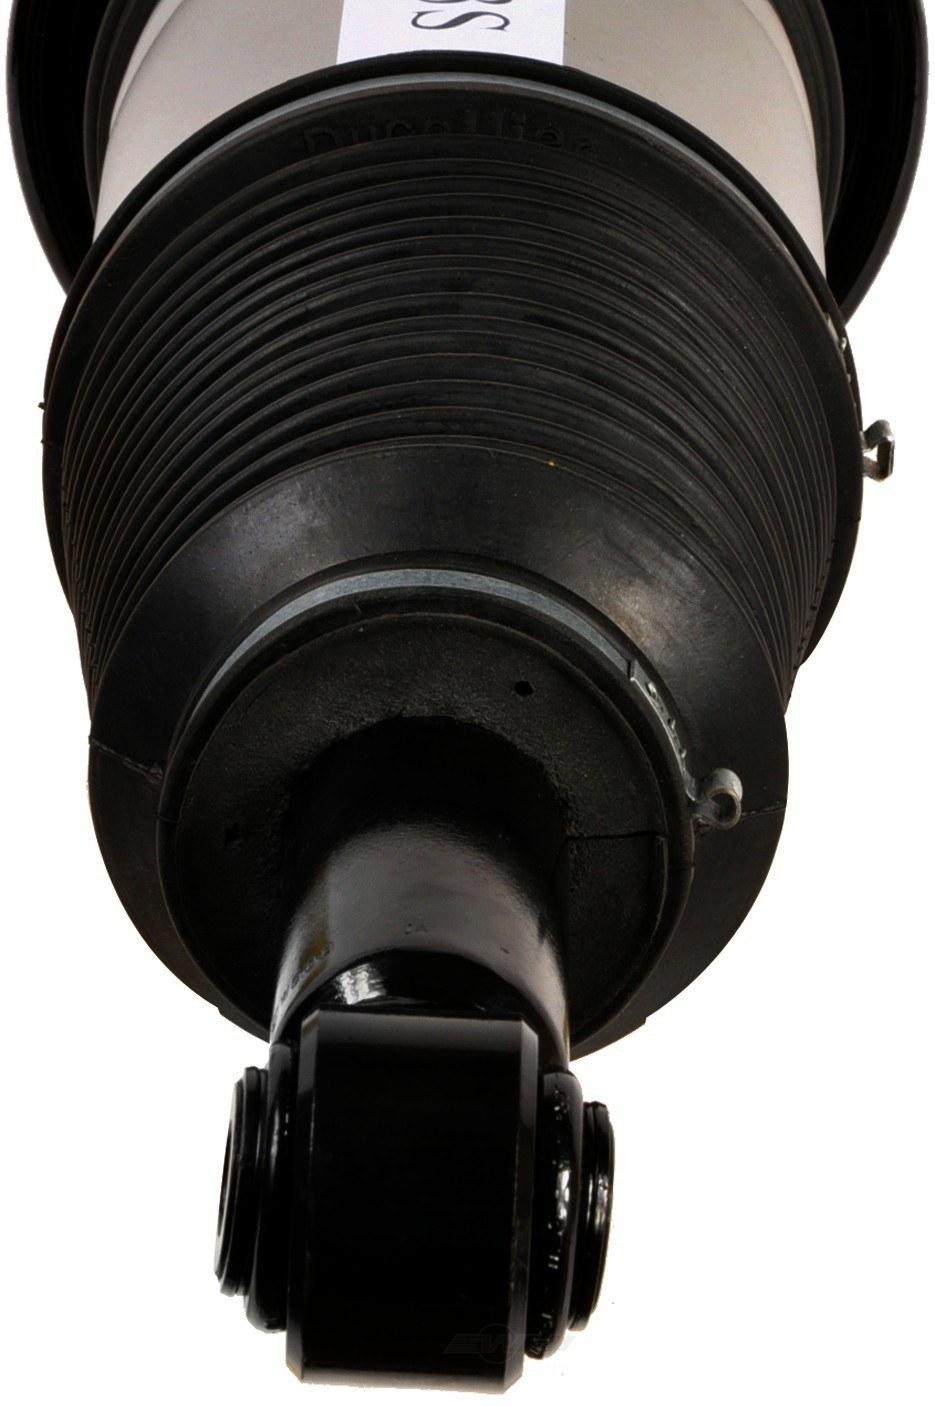 CARDONE REMAN - Suspension Air Strut - A1C 5J-7003S